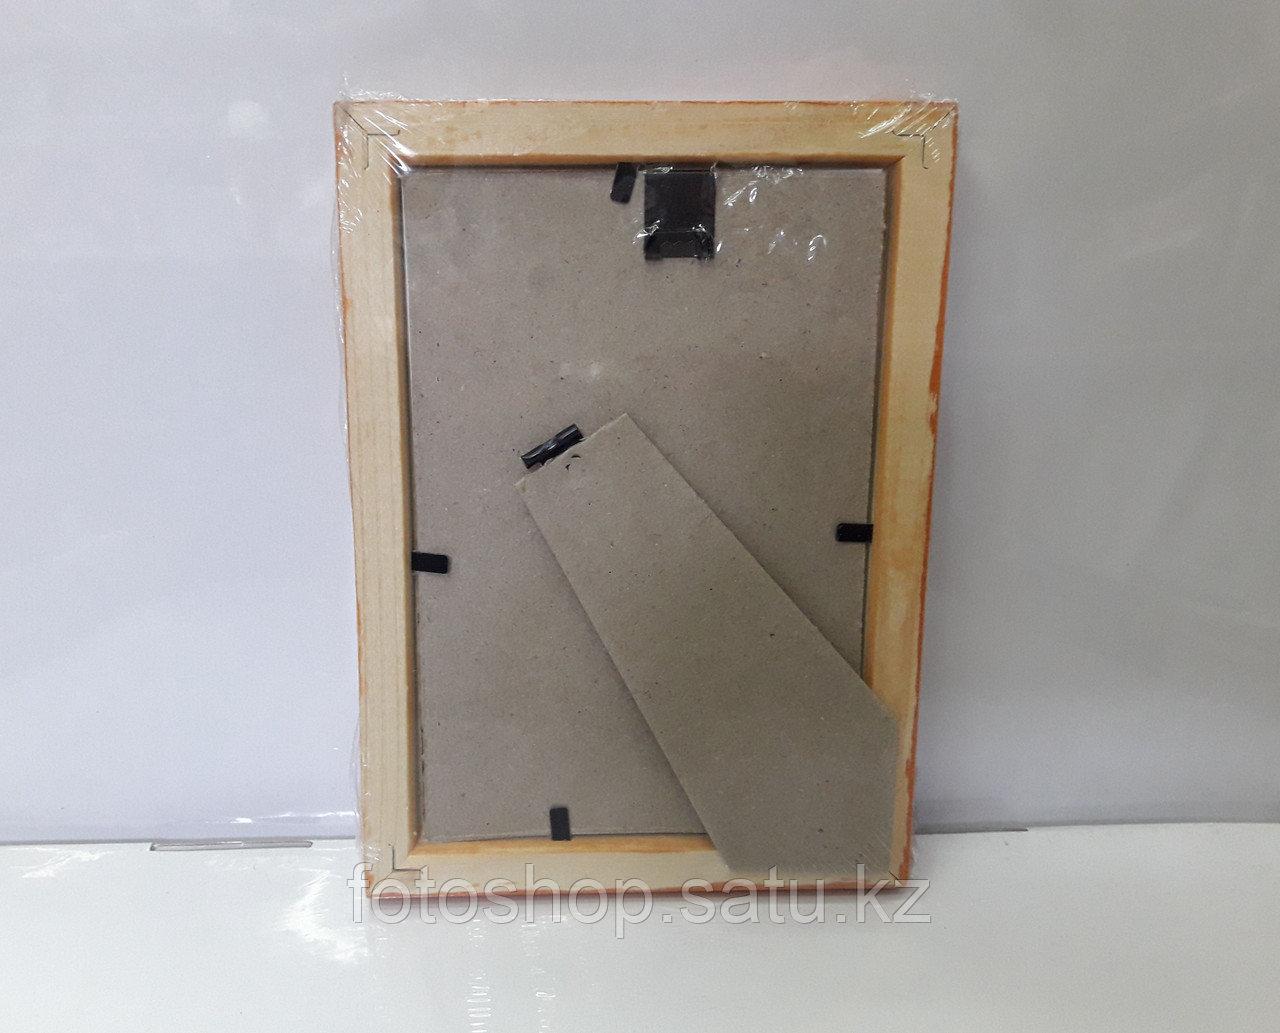 Фоторамка деревянная со стеклом 10*15 - фото 3